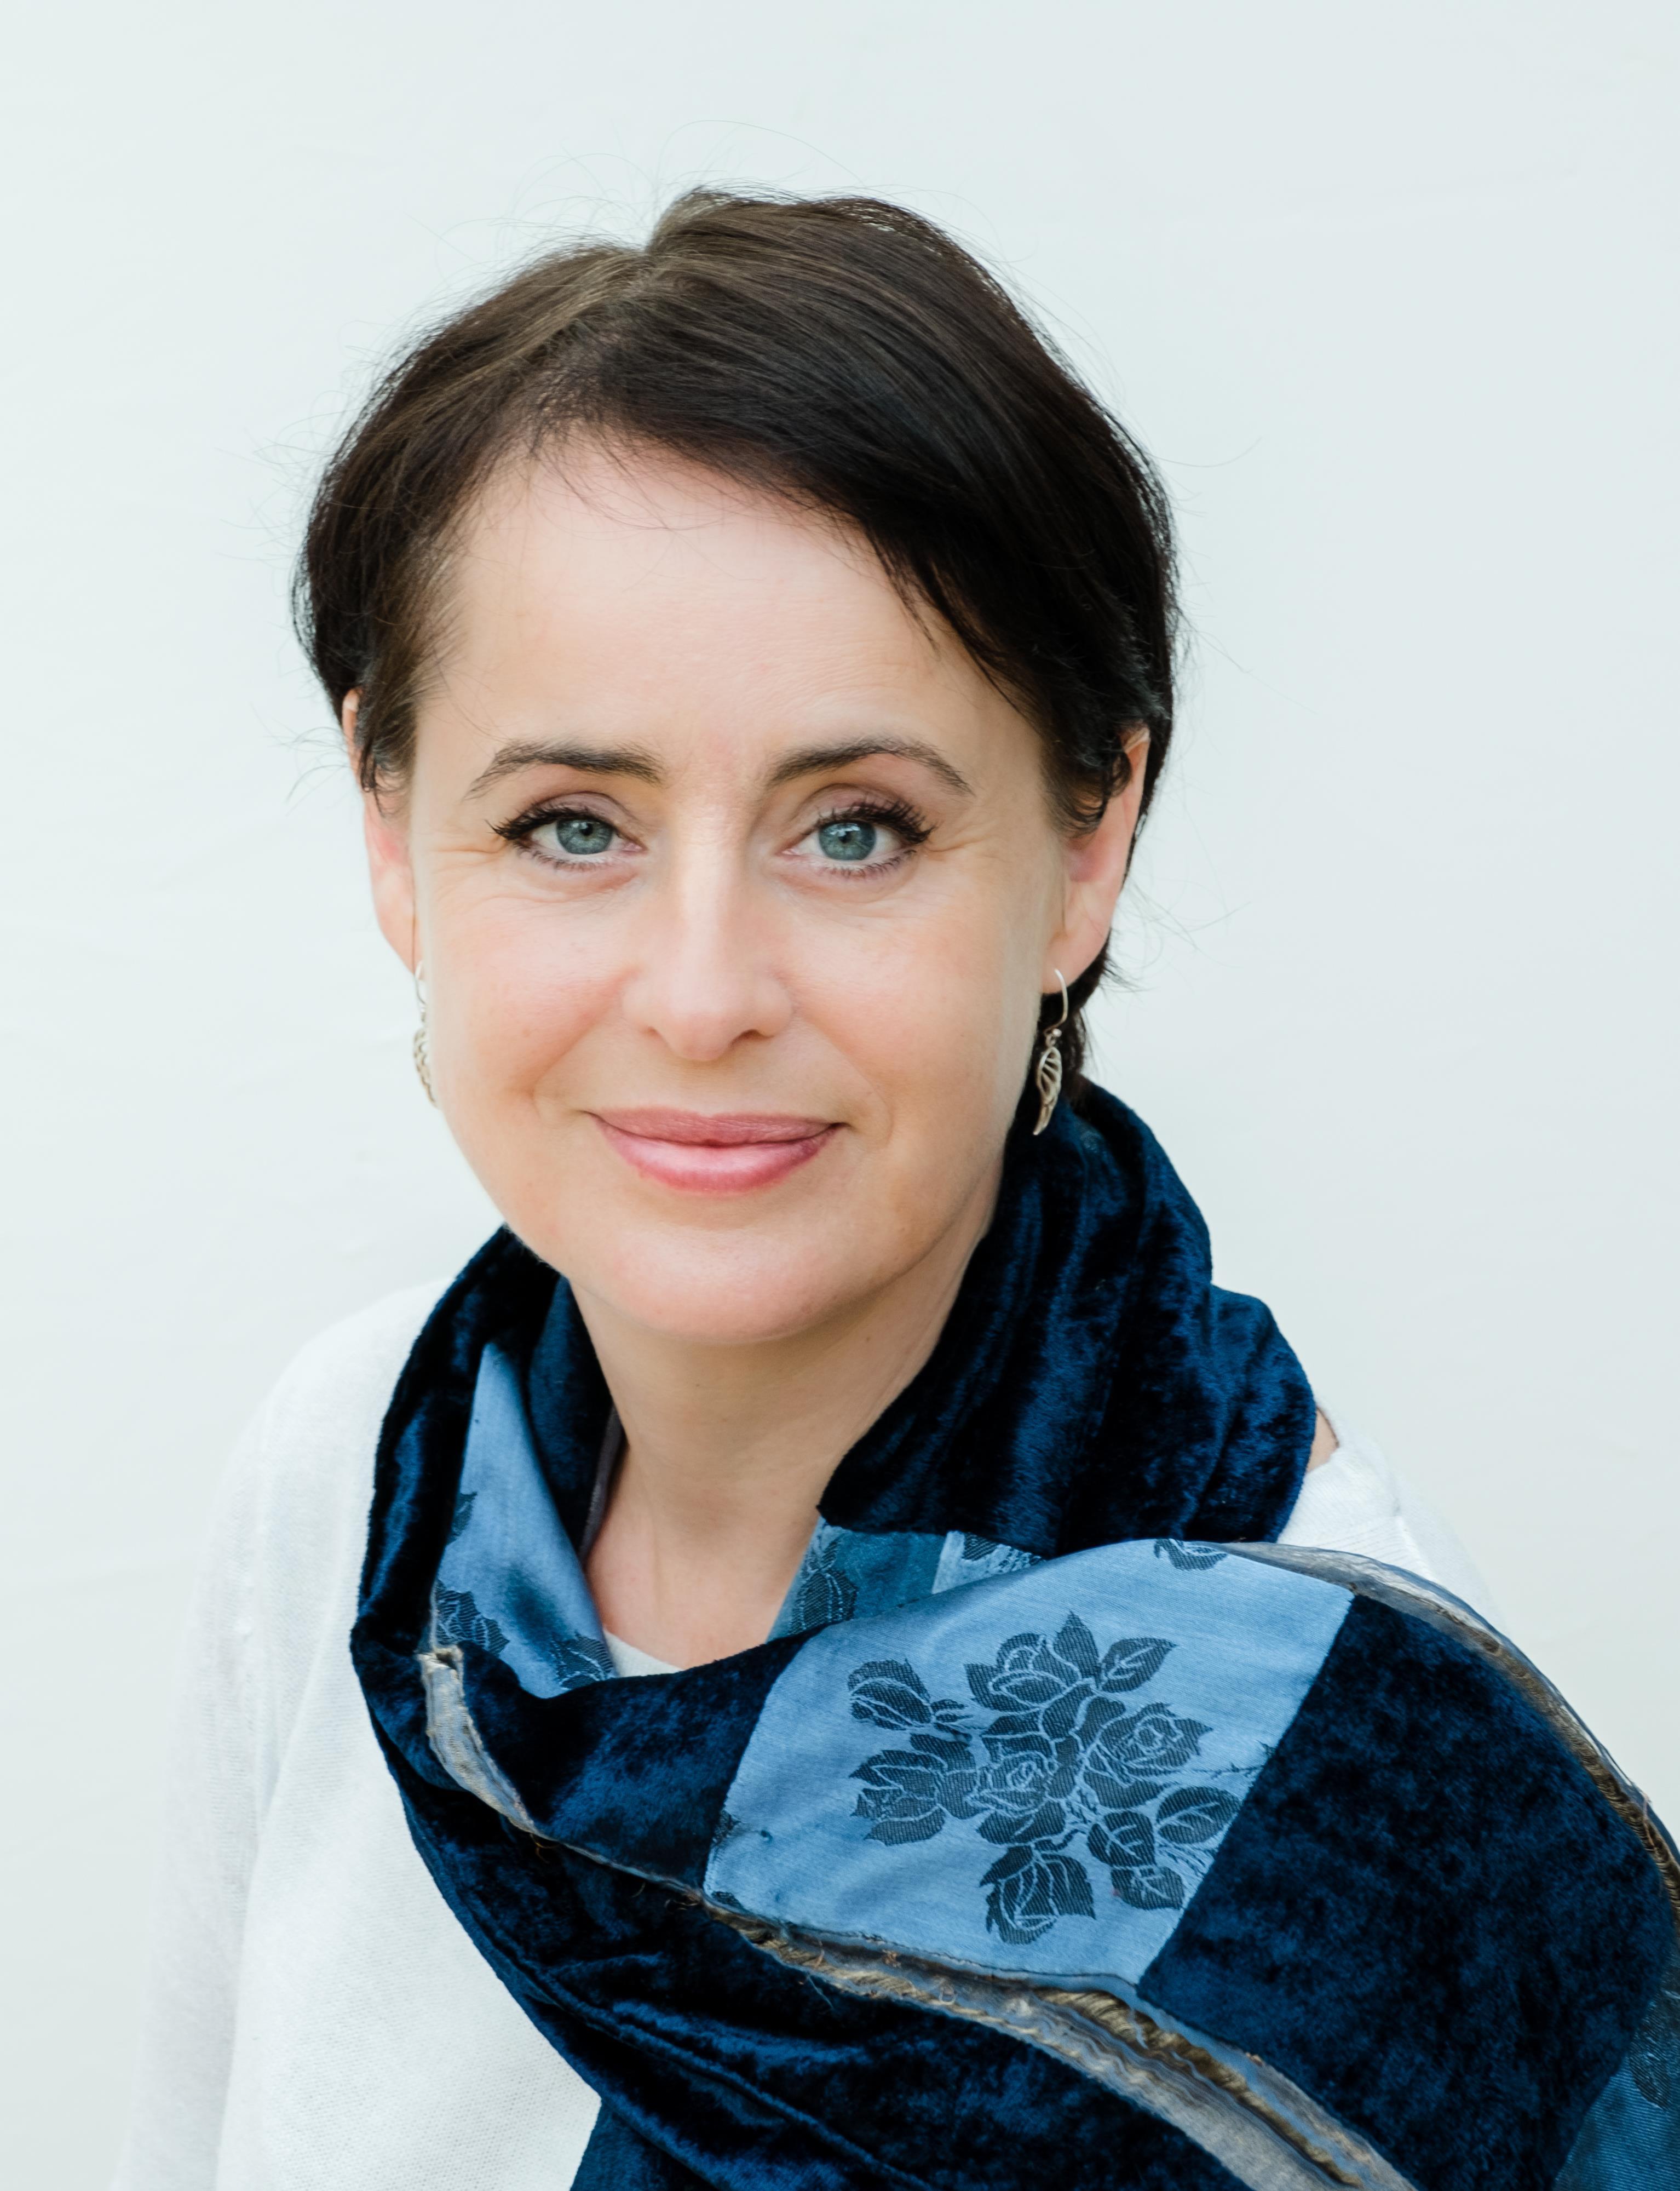 Helen Franklin